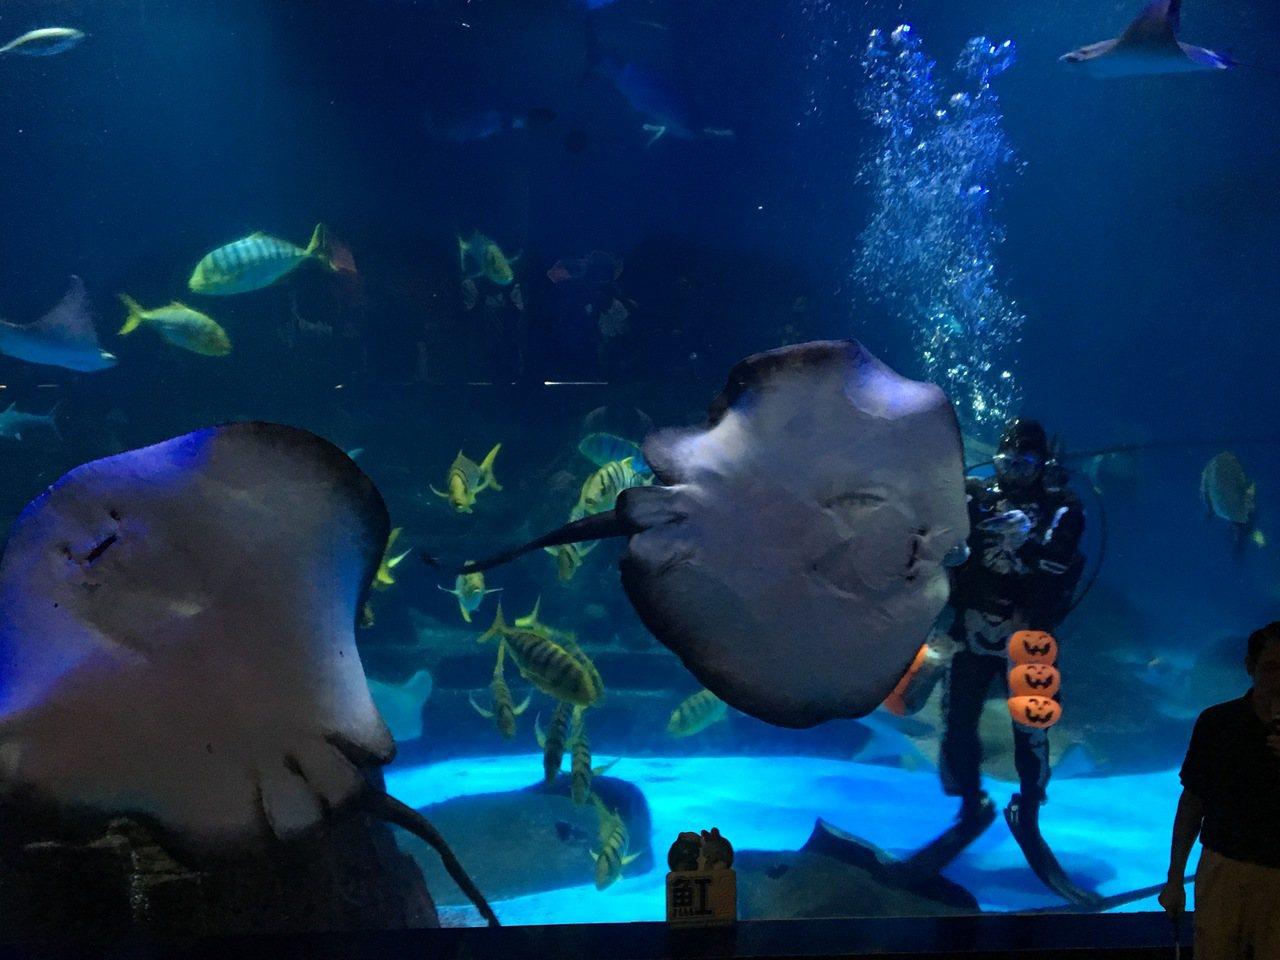 骷髏MAN現身於園區內探險島水族館與雙髻鯊、叉頭燕魟共舞。記者徐庭揚/攝影